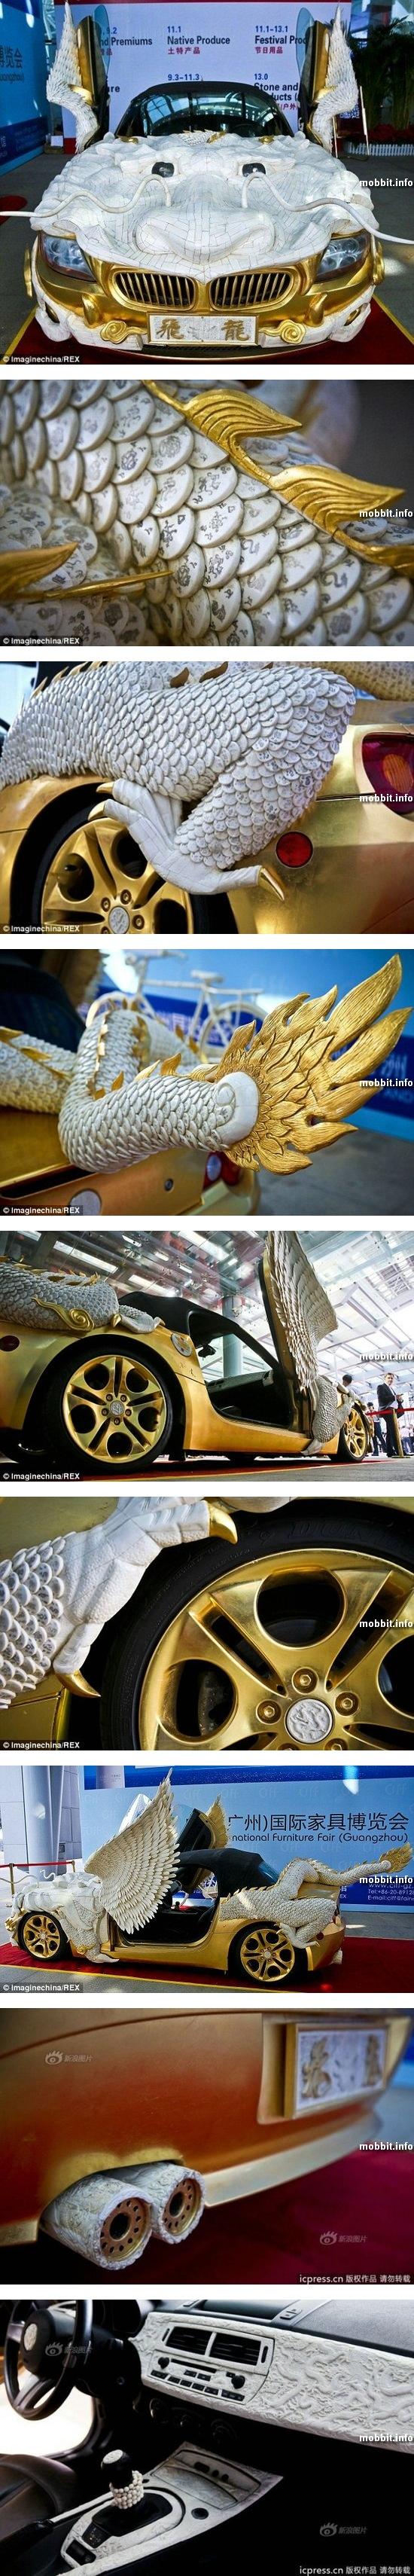 Автотюнинг: BMW Z4 в стиле «золотой дракон»